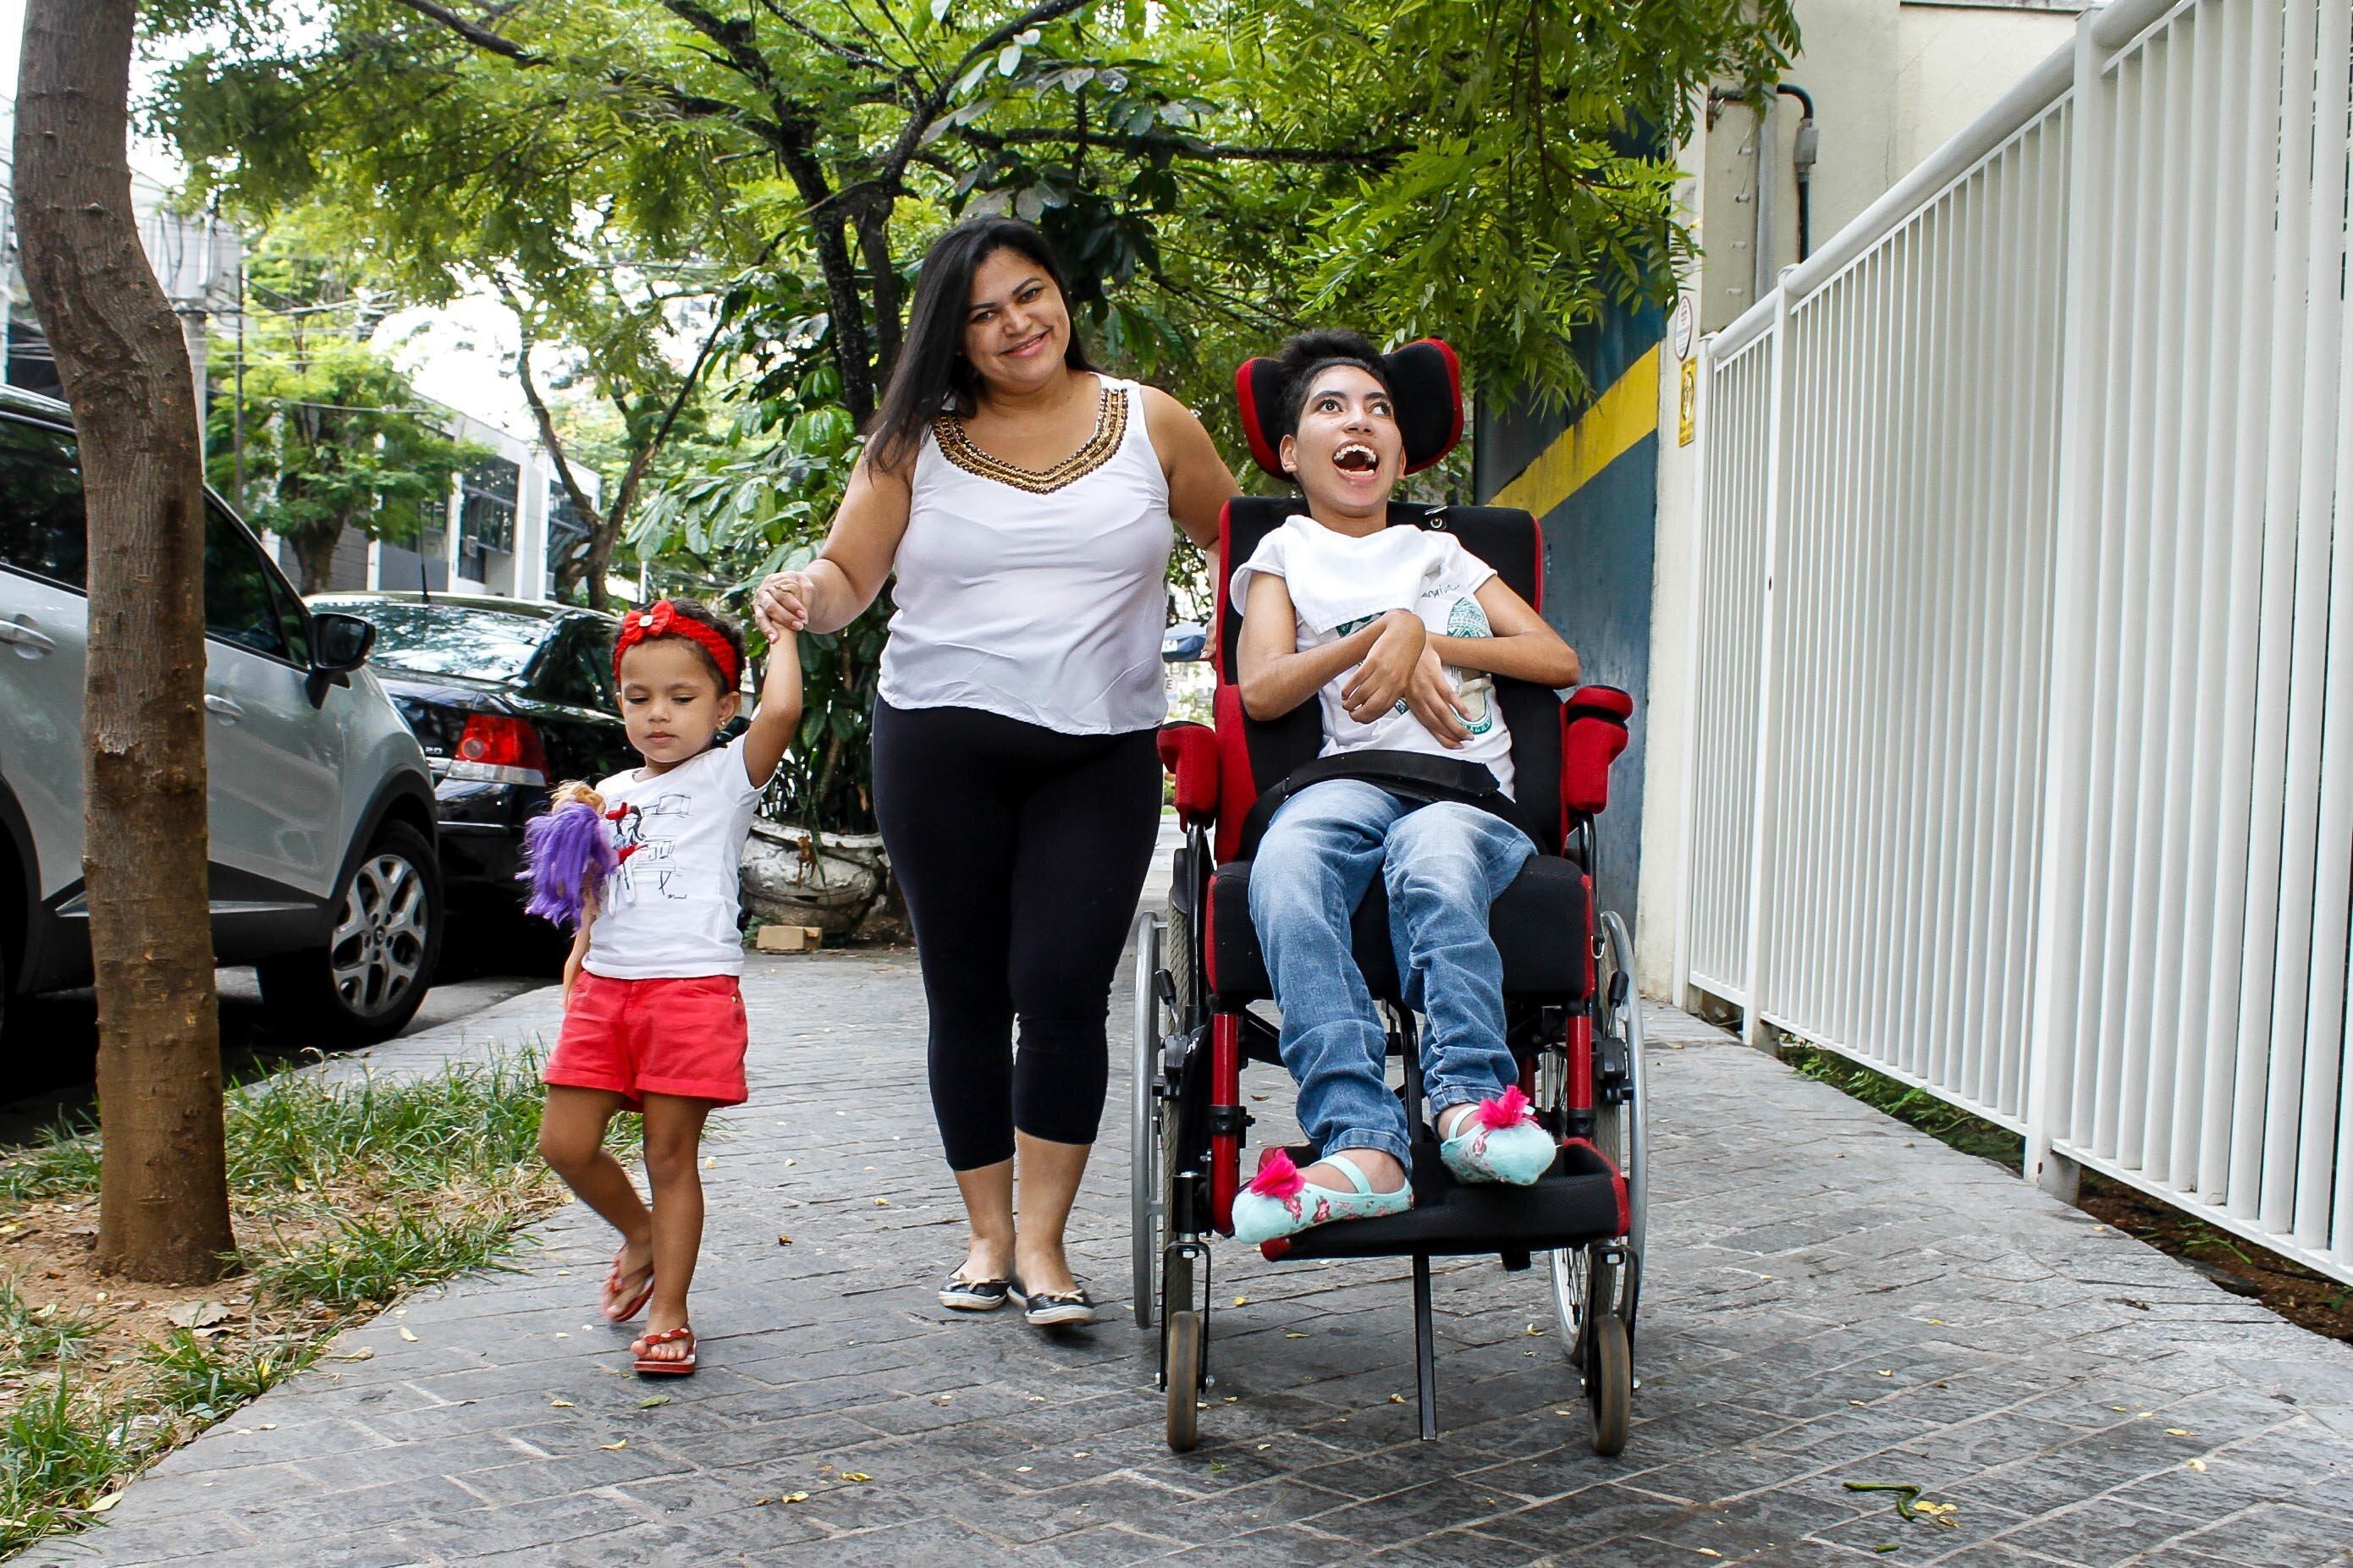 LEIA A SÉRIE 'CUSTO SOCIAL DE SER MÃE': Como a maternidade impacta a vida das mulheres no mercado de